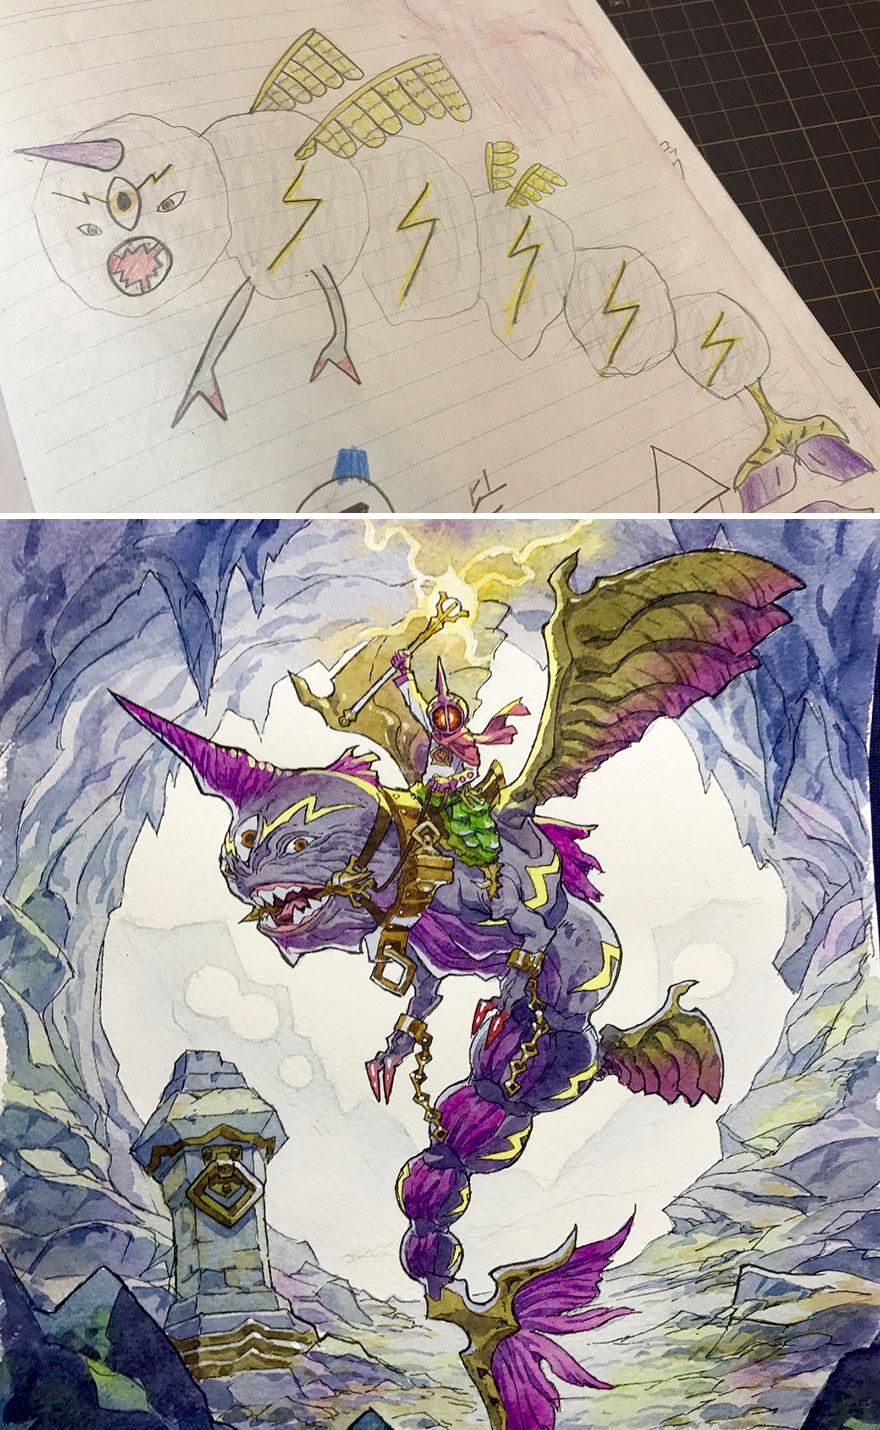 dad-kids-drawings-thomas-romain-13-5a364457cf85d__880